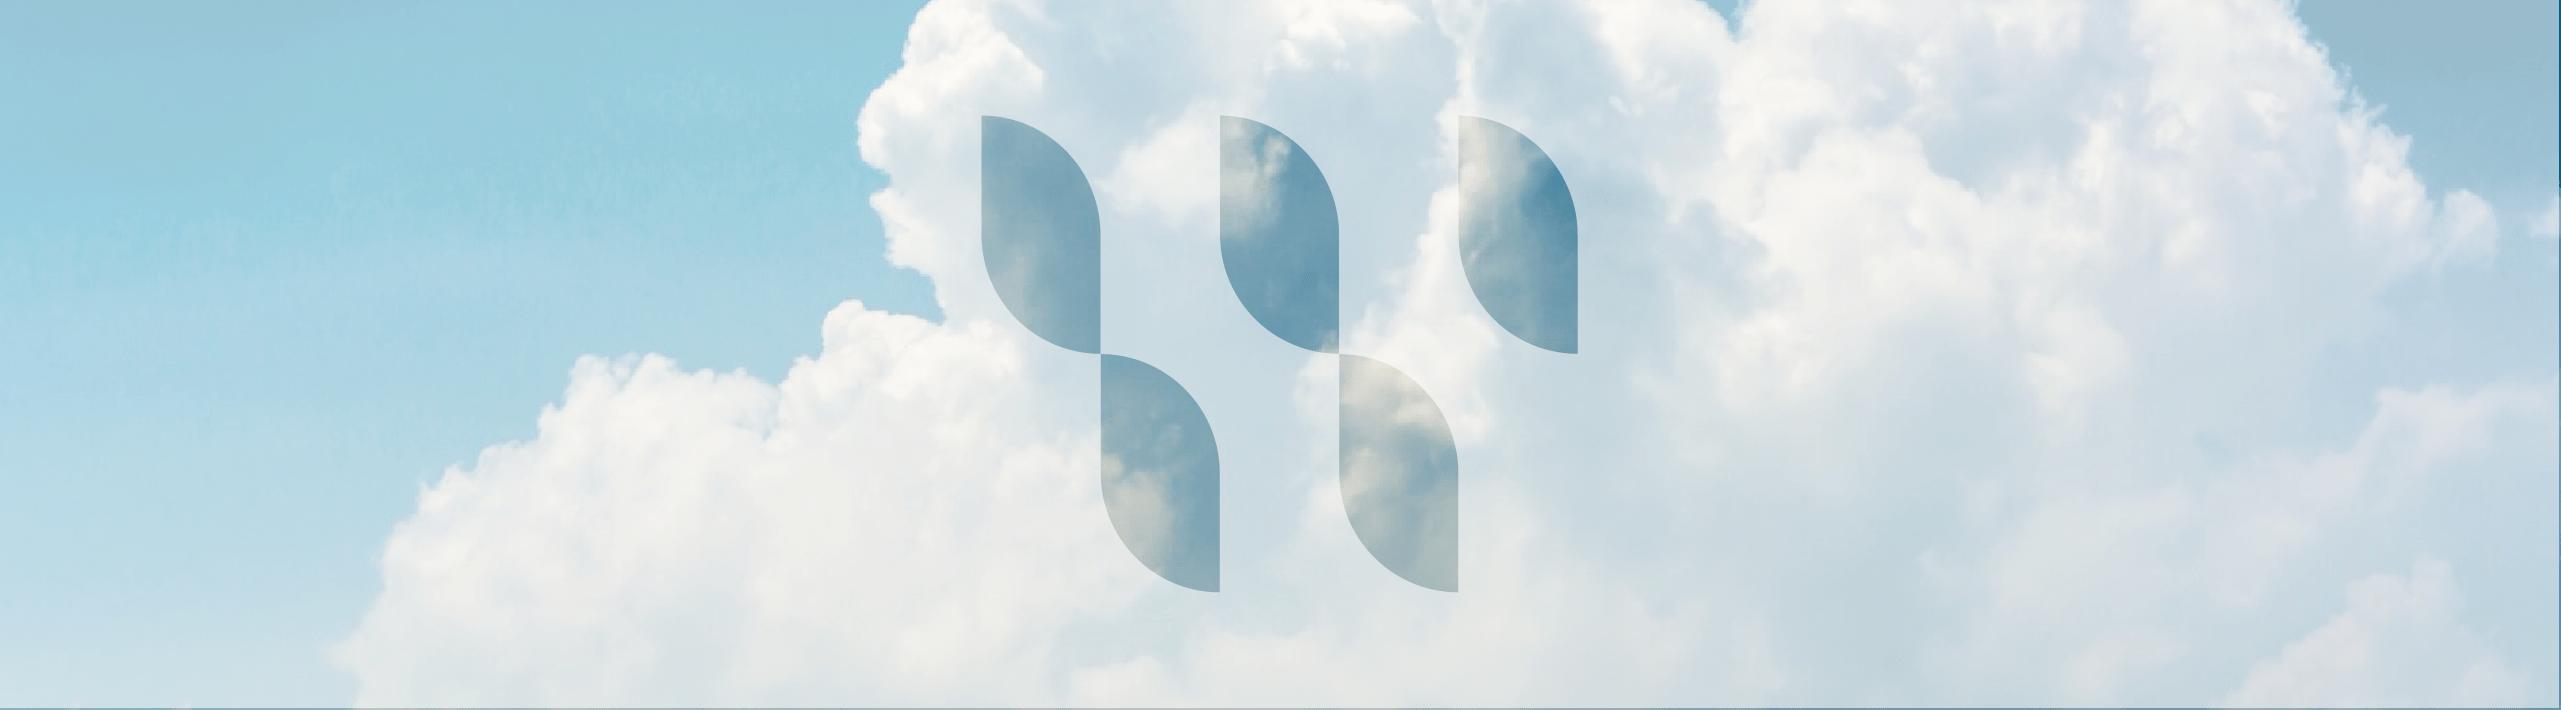 Weather Lab - 02 - Natie Branding Agency